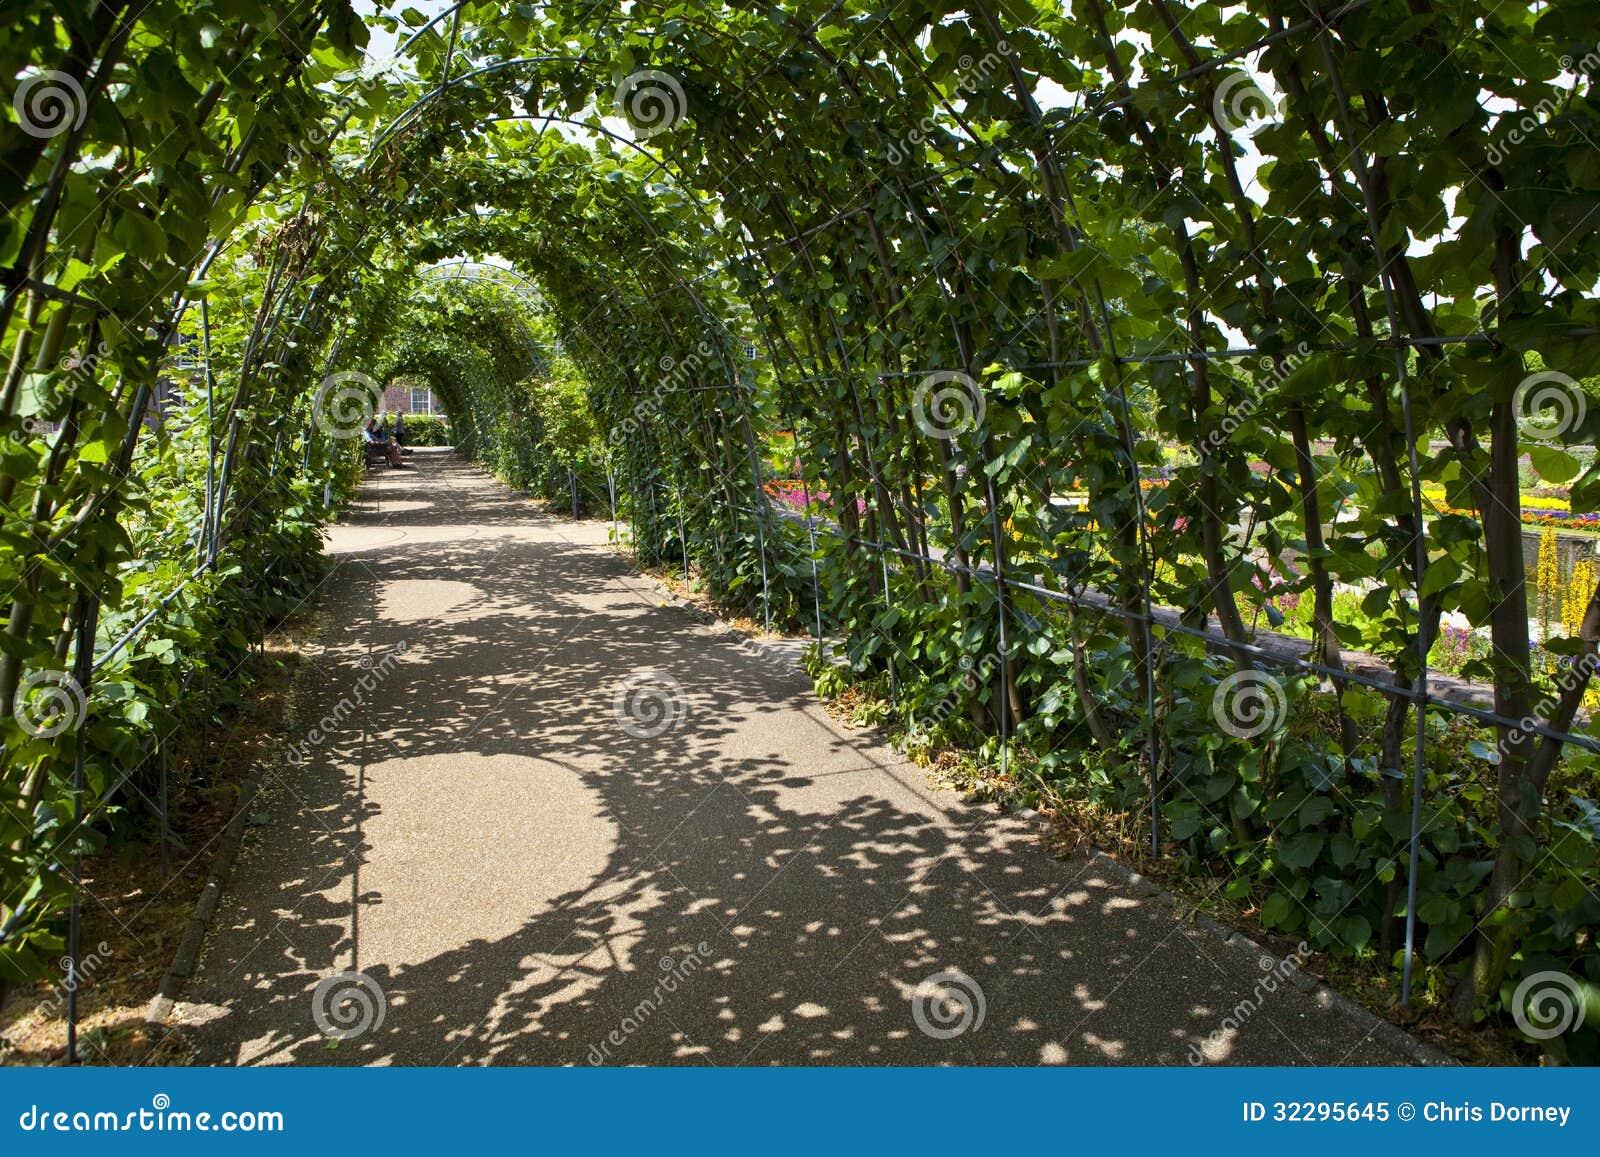 jardines de kensington en londres imagen de archivo ForJardines De Kensington